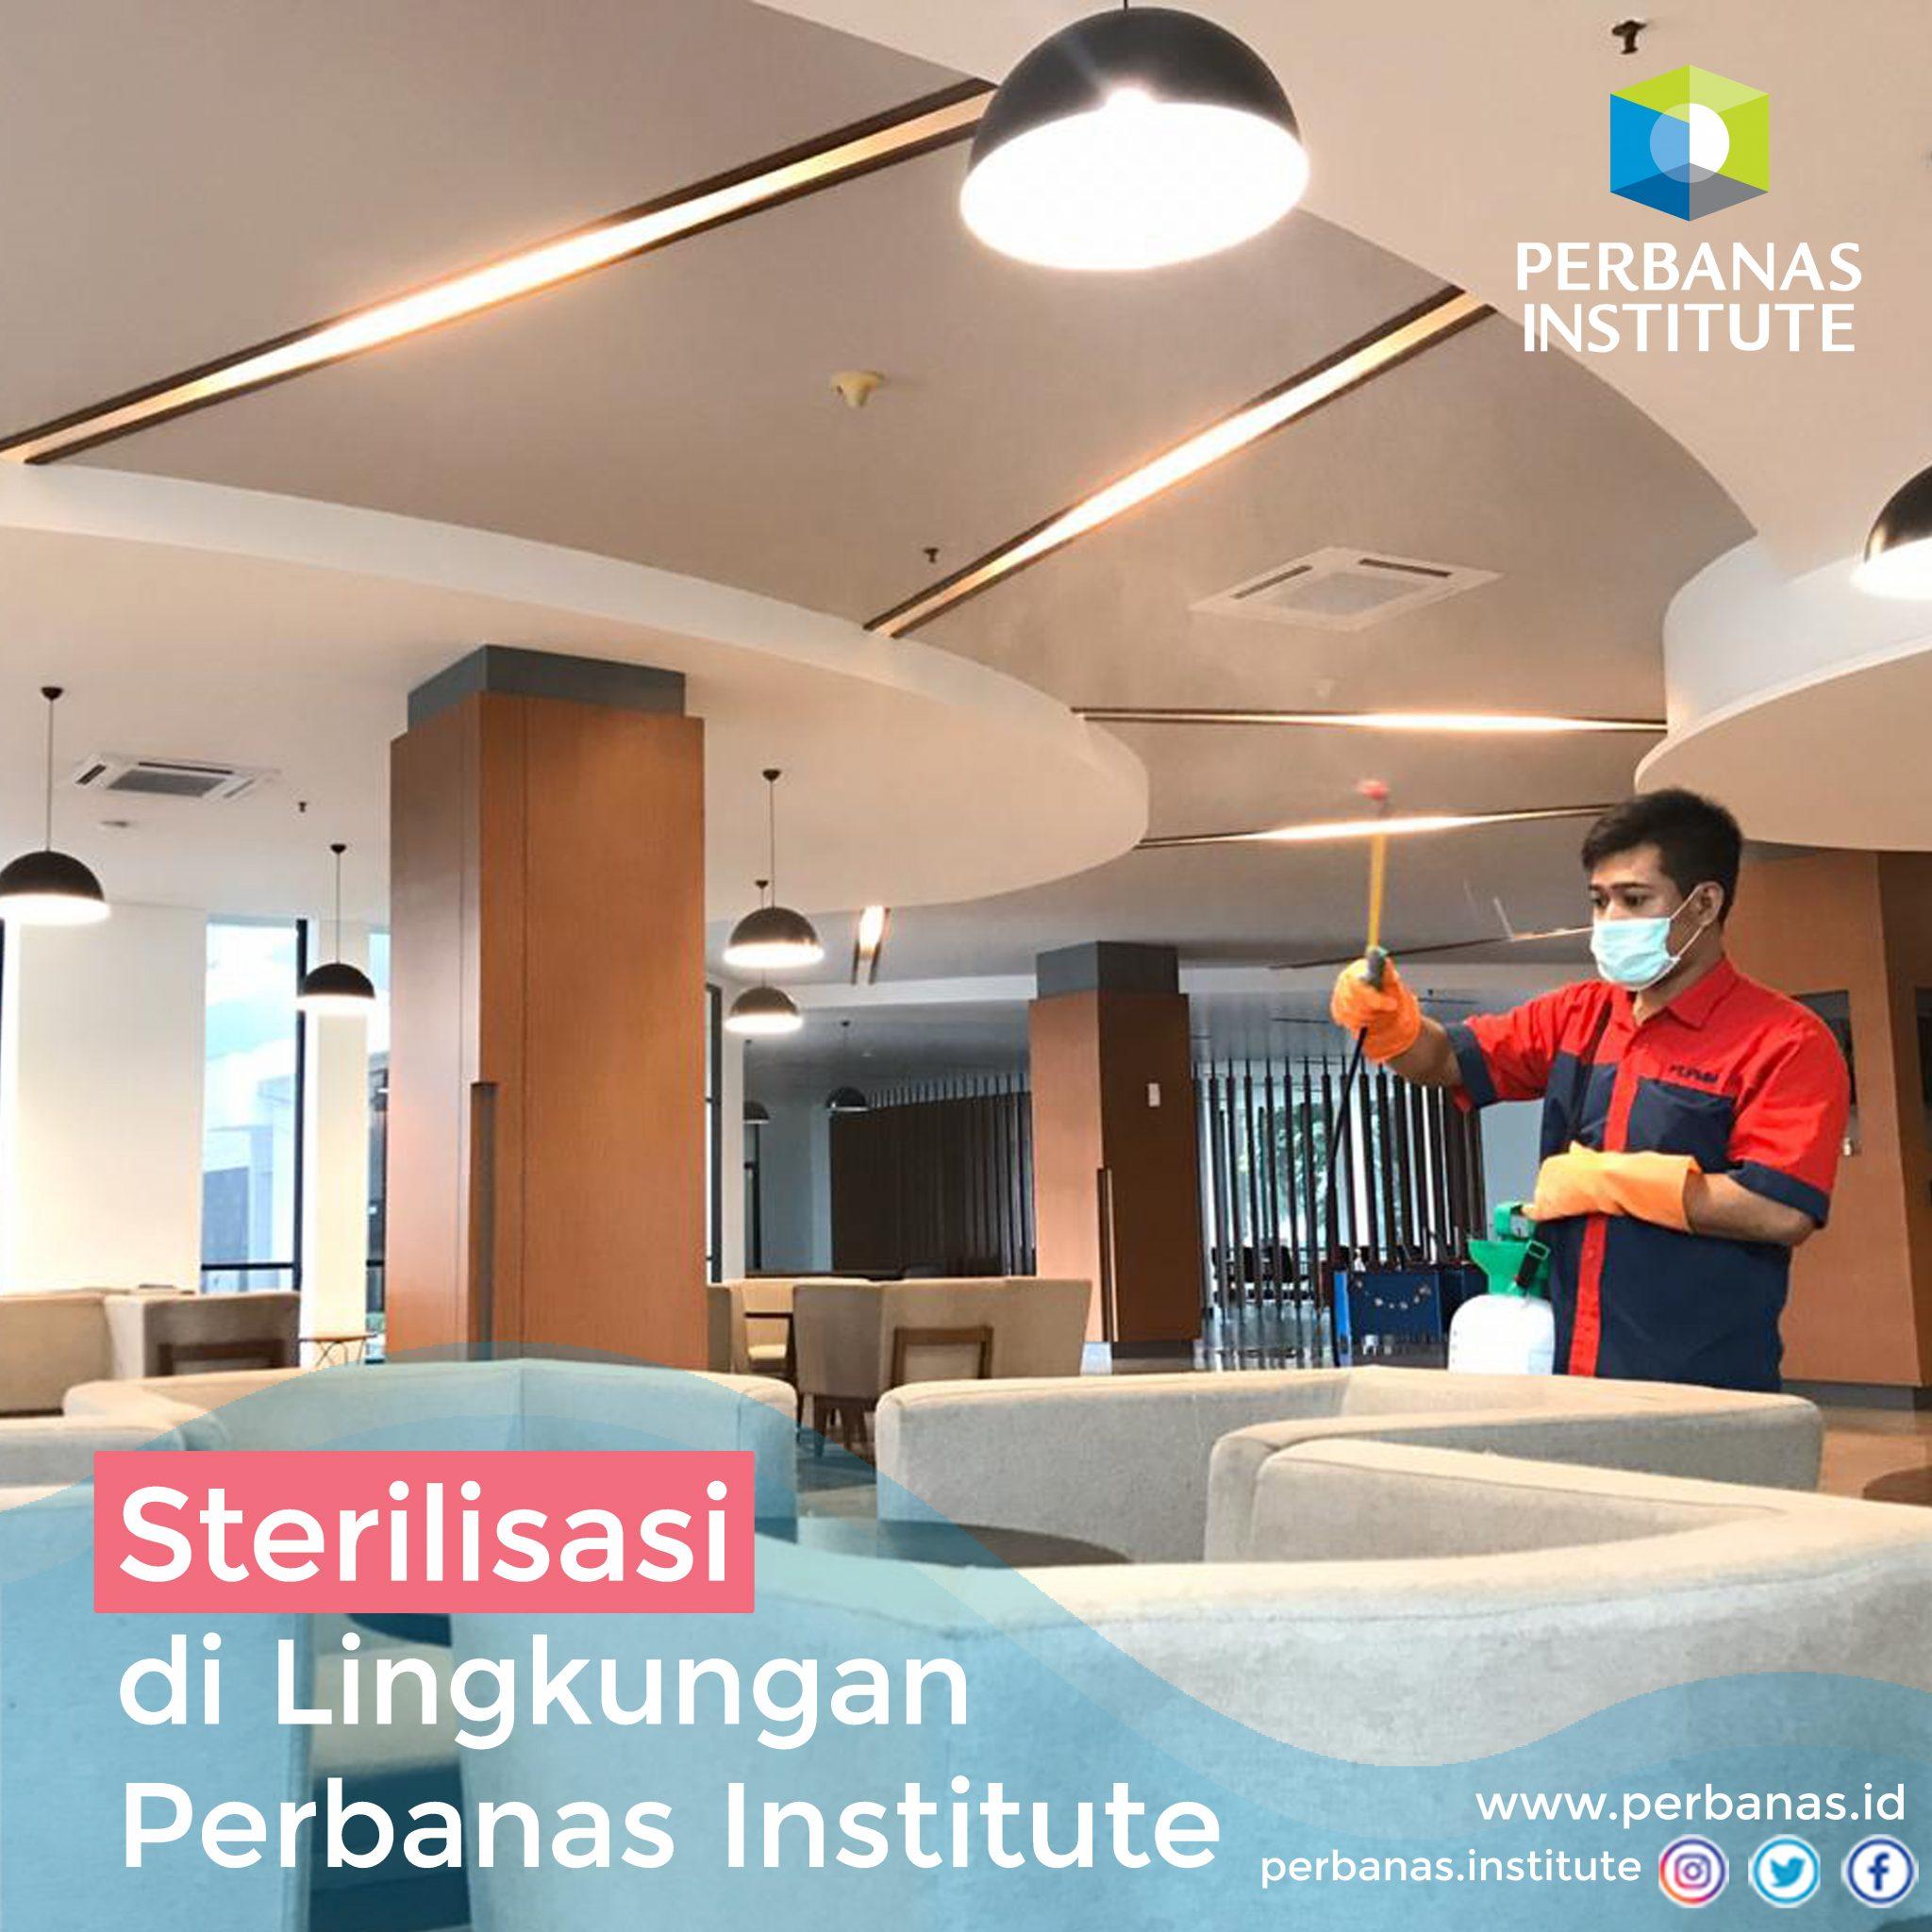 STERILISASI di lingkungan Perbanas Institute